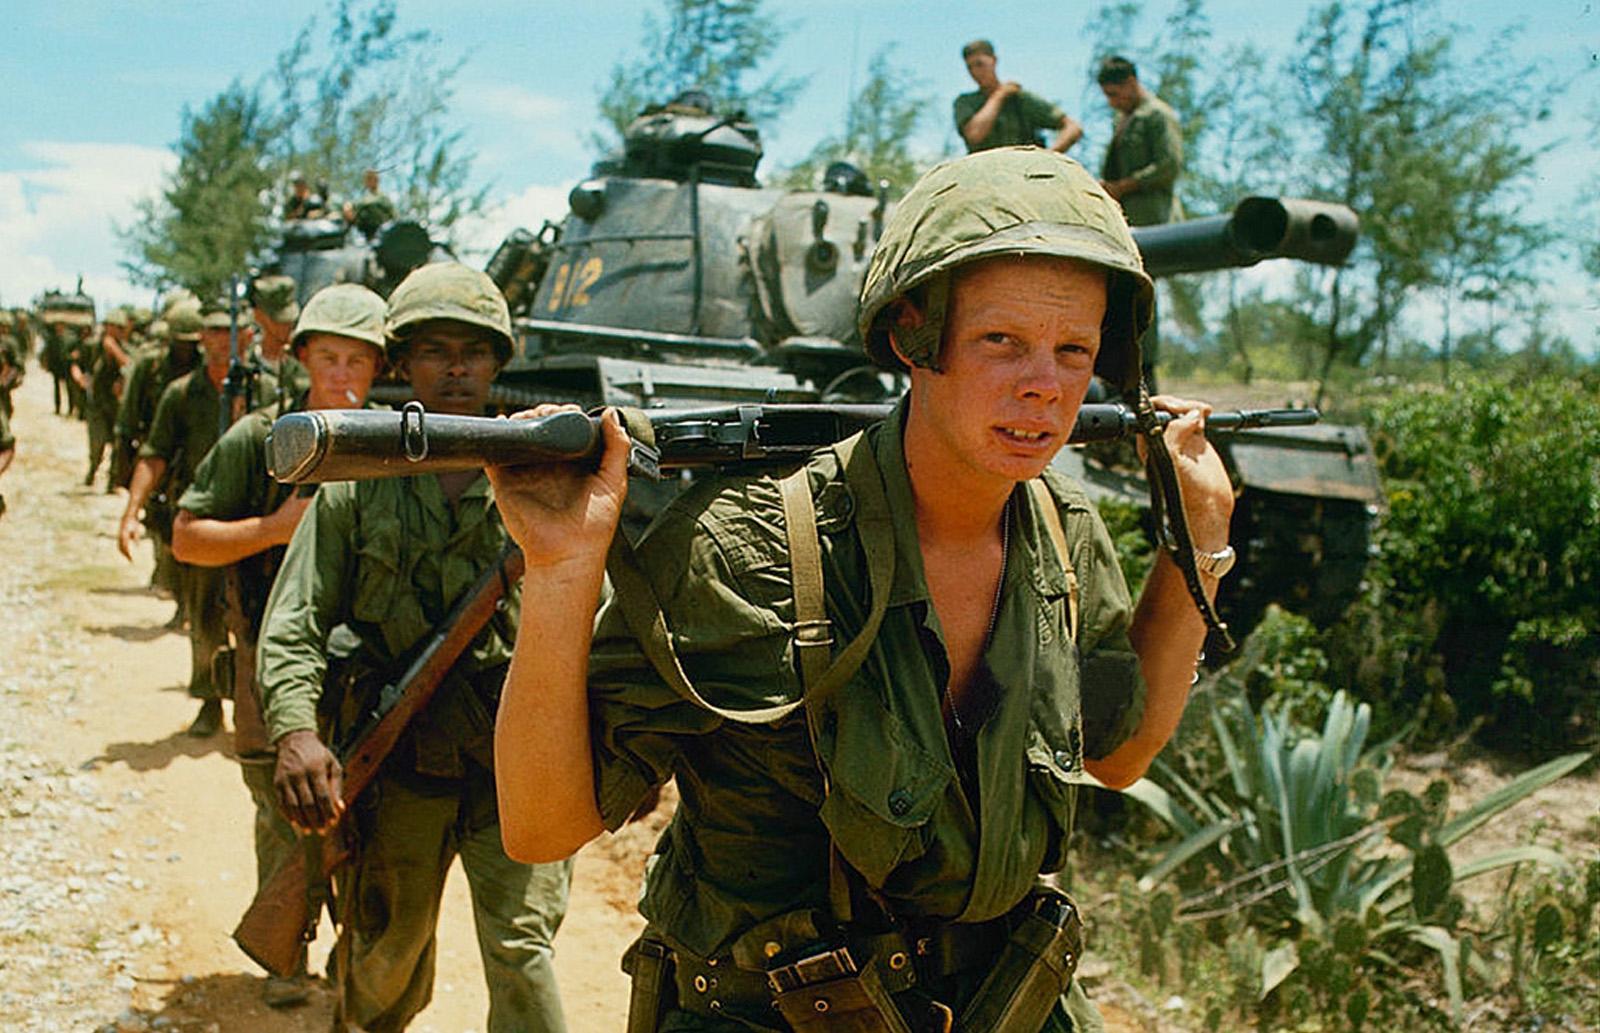 Los soldados estadounidenses en Vietnam consumían cannabis para mantener la salud mental (© manhhai)